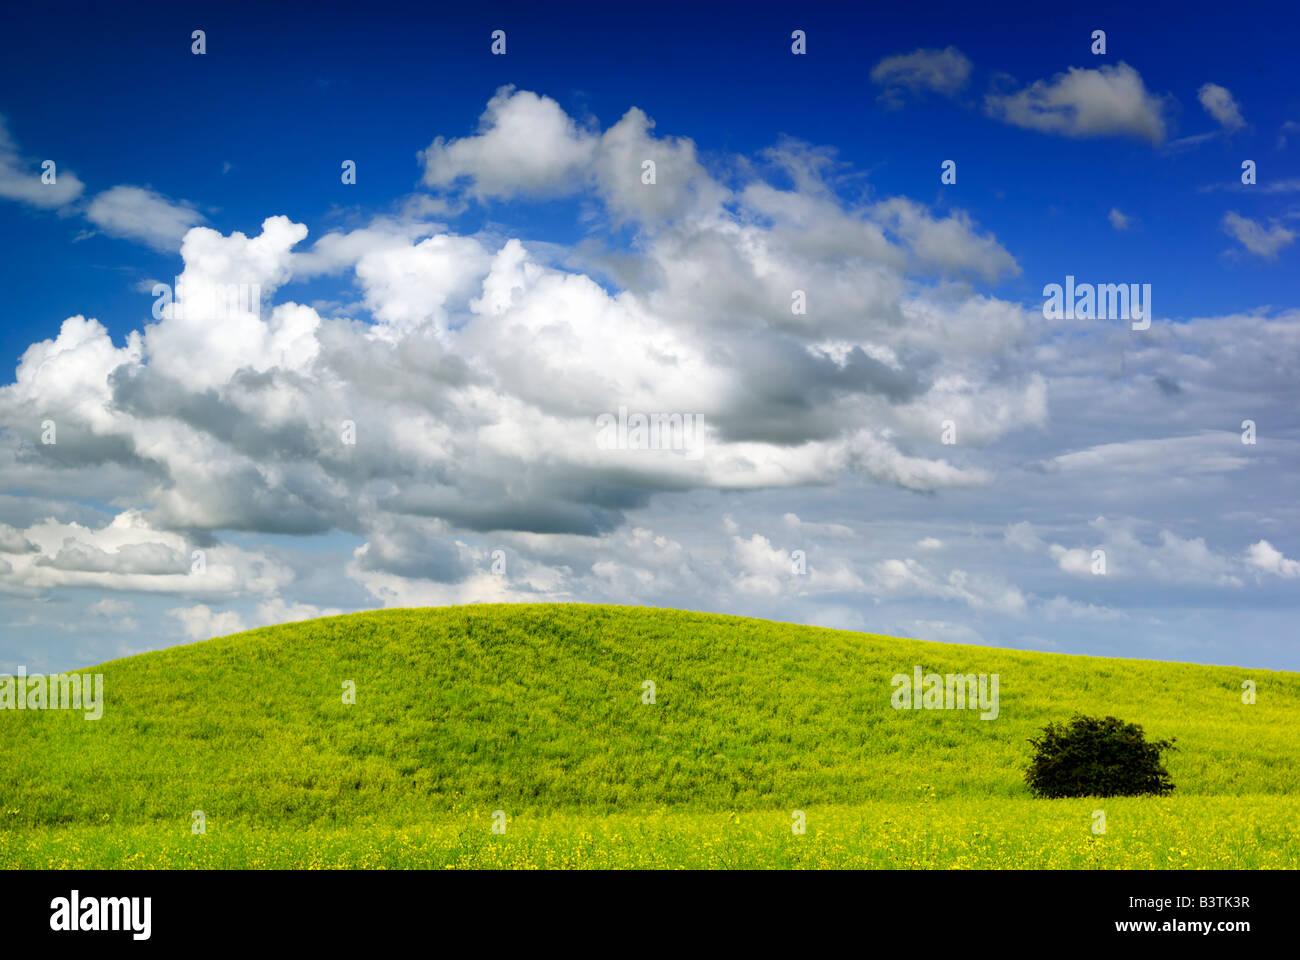 Paisagem de Verão - saturado de Meadow Vista. A Europa, a Polónia. Adobe RGB (1998). Imagens de Stock